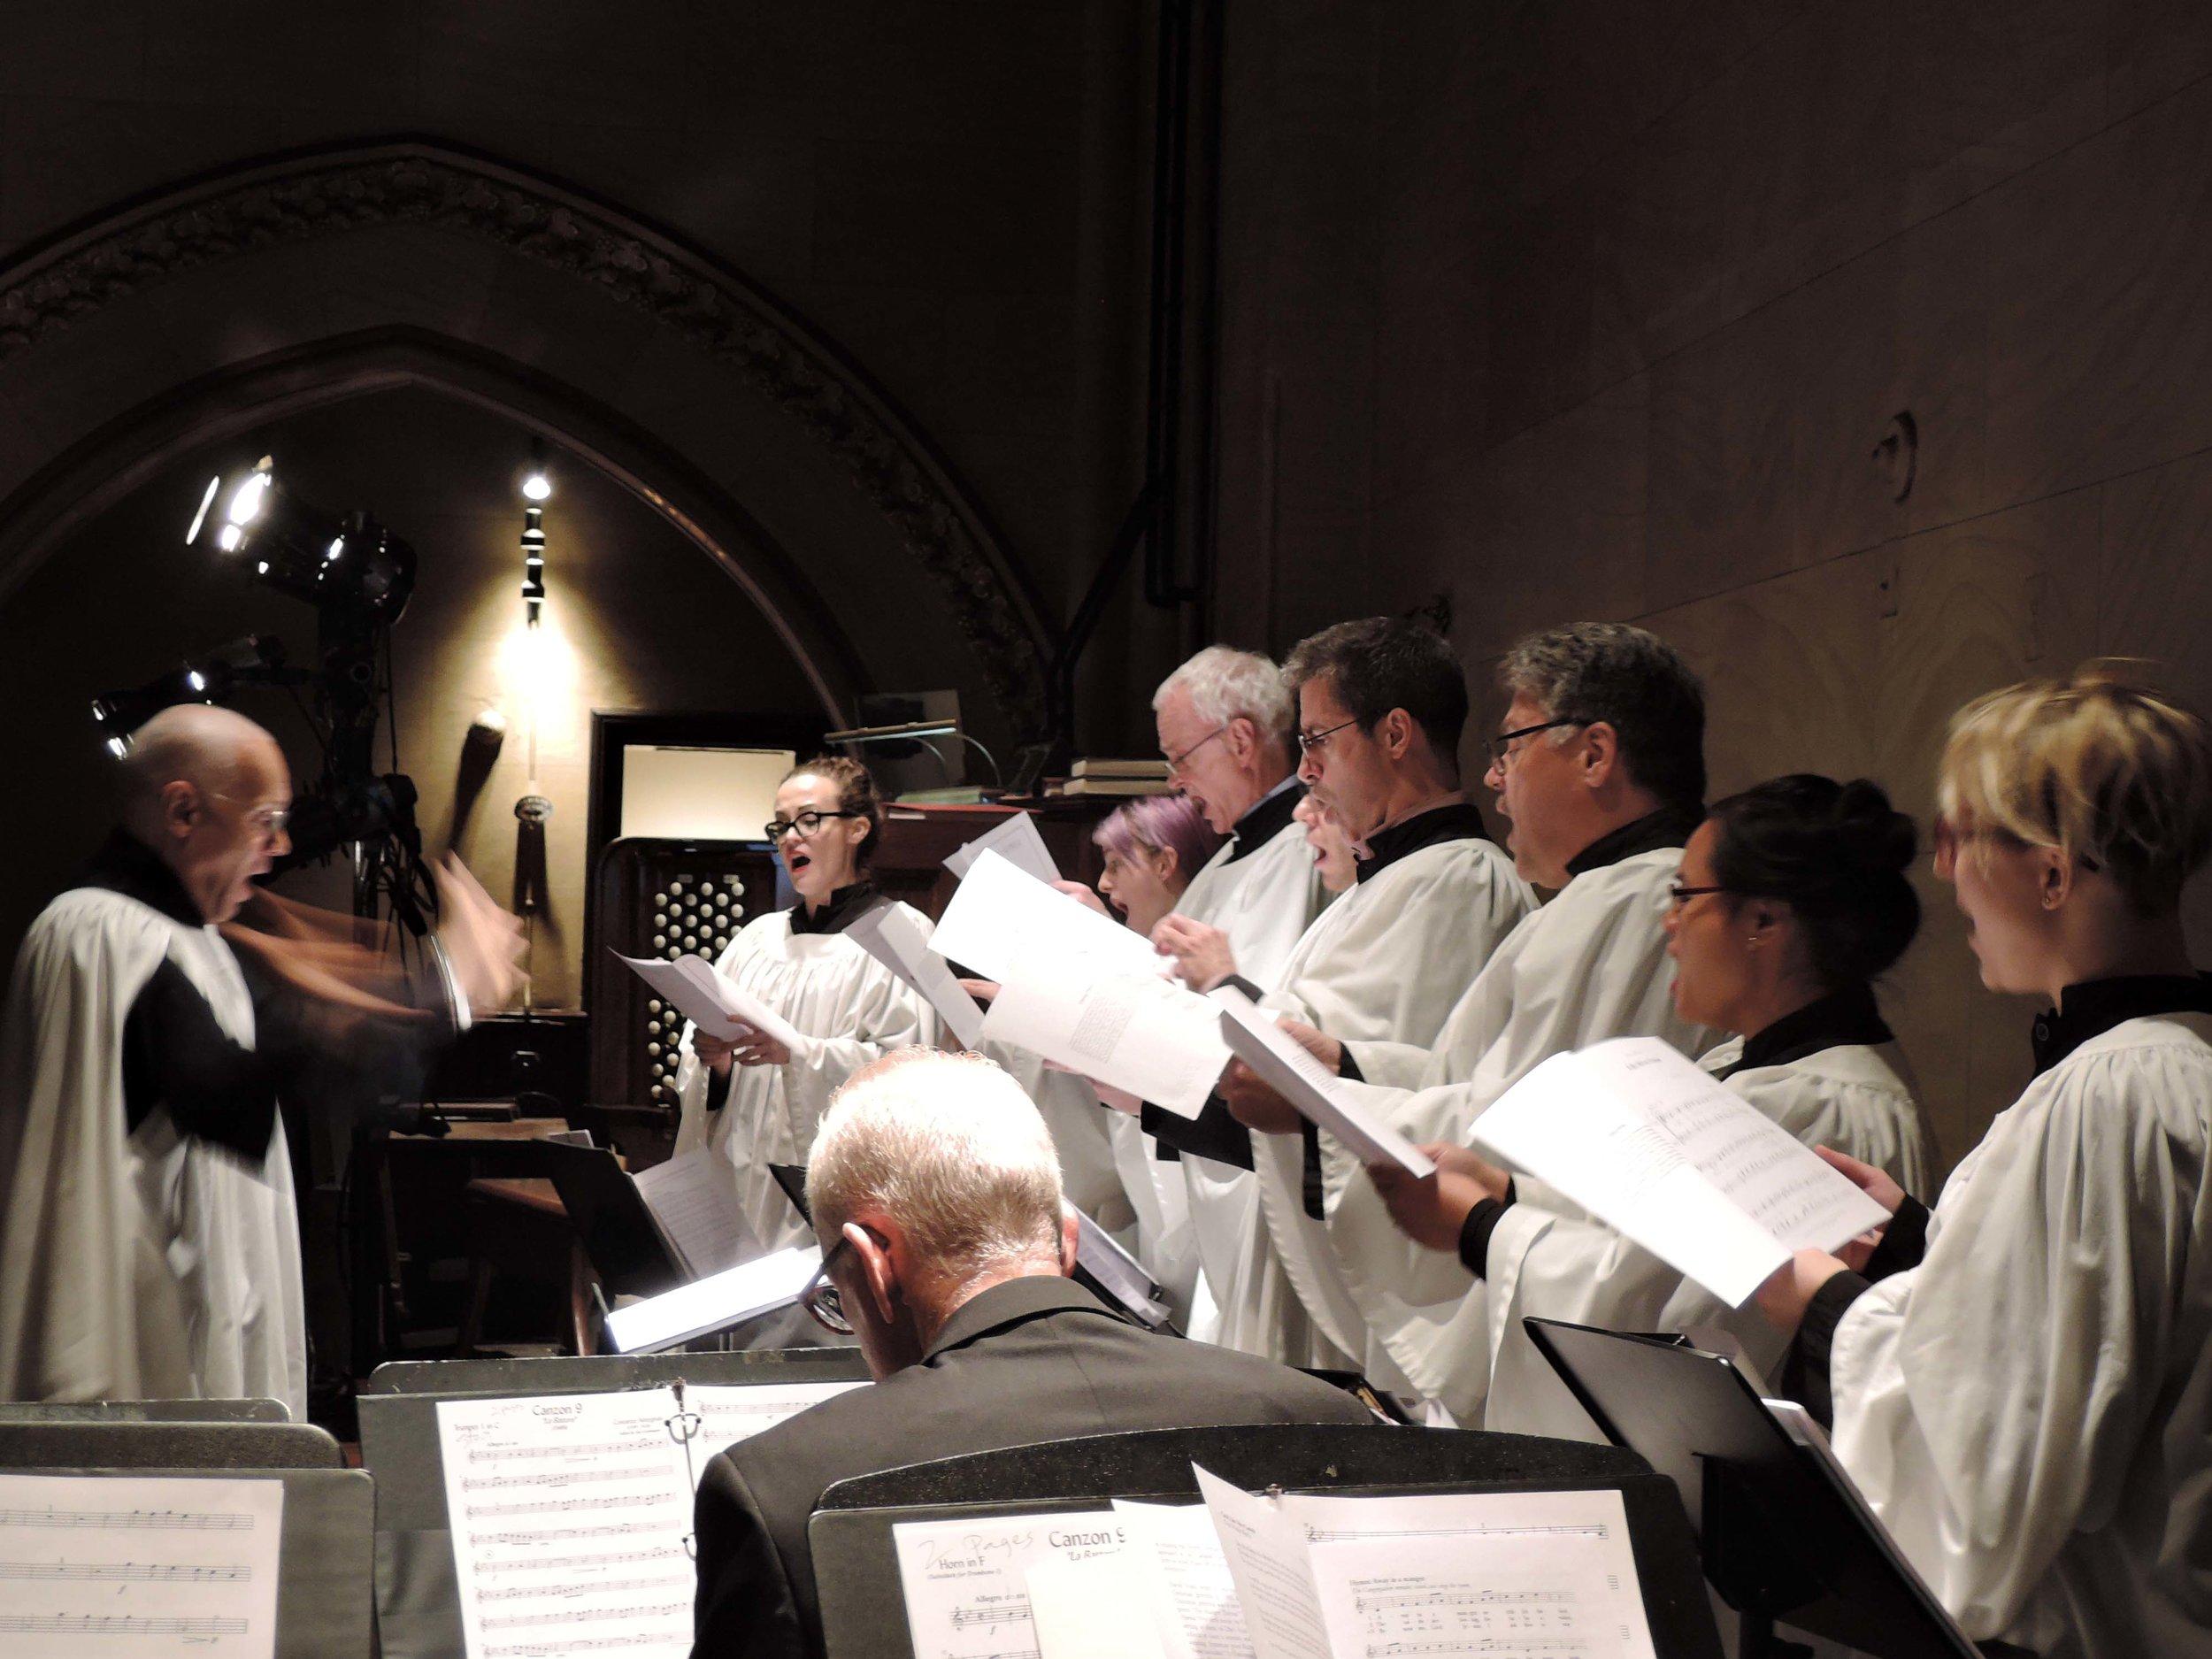 Dr. Hurd conducts the parish choir.